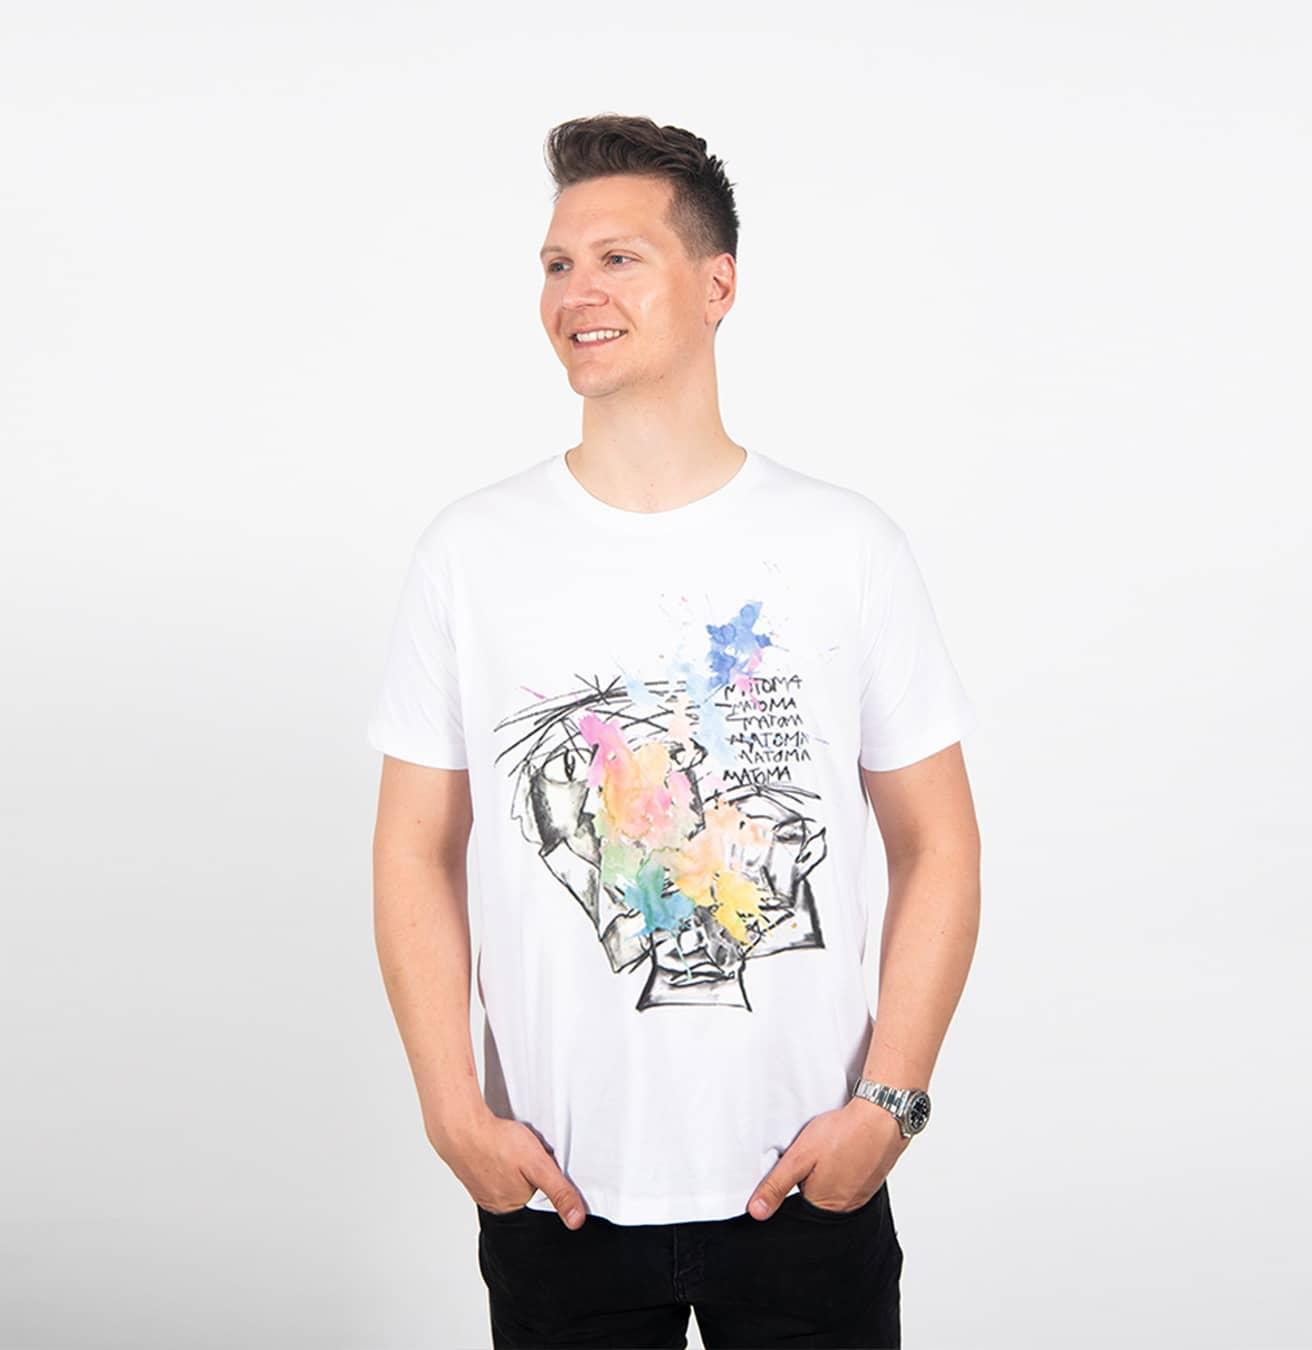 Bestill Revet T skjorter på nett | Spreadshirt